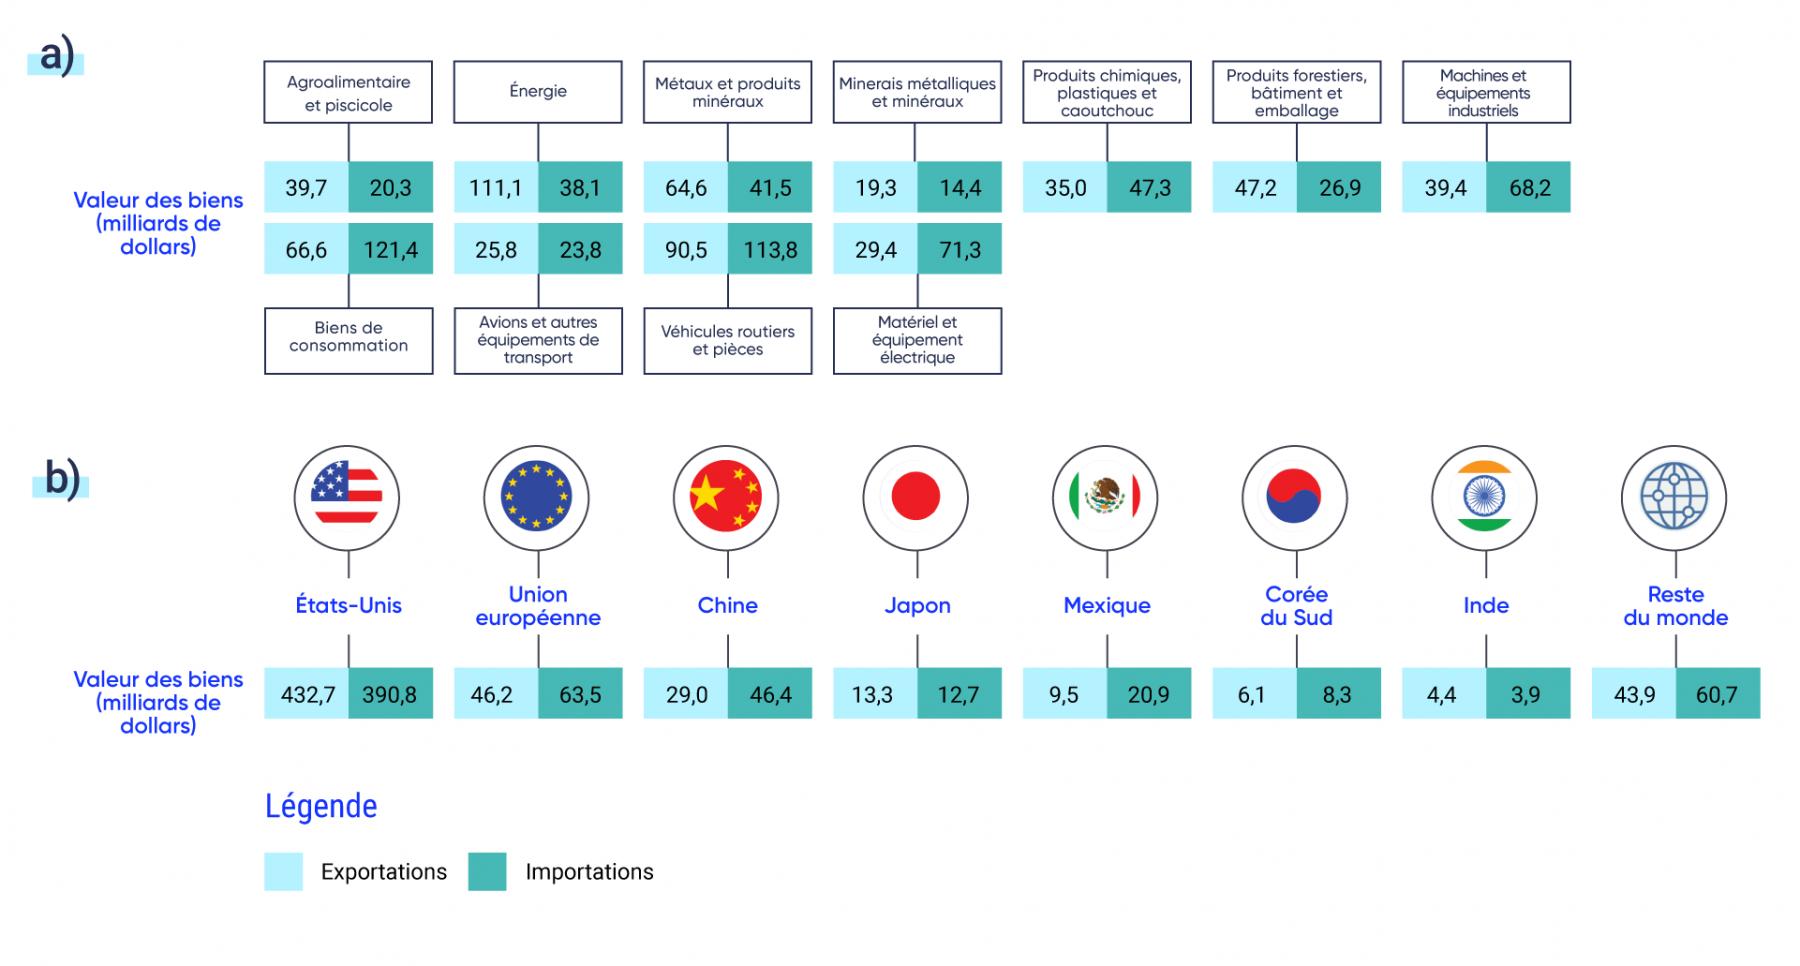 Le haut de la figure affiche les valeurs des biens importés et exportés par le Canada en milliards de dollars. Le Canada exporte pour 111,1 milliards de dollars d'énergie, pour 90,5 milliards de dollars de véhicules automobiles et de pièces détachées, et pour 66,6 milliards de dollars de biens de consommation. Le Canada importe pour 121,4 milliards de dollars de biens de consommation, pour 113,8 milliards de dollars de véhicules automobiles et de pièces détachées et pour 71,3 milliards de dollars d'équipements électriques.  Le bas de la figure affiche les valeurs des importations et des exportations entre le Canada et d'autres pays. Les principaux partenaires commerciaux du Canada sont les États Unis, l'Union européenne, la Chine, le Japon, le Mexique, la Corée du Sud et l'Inde.